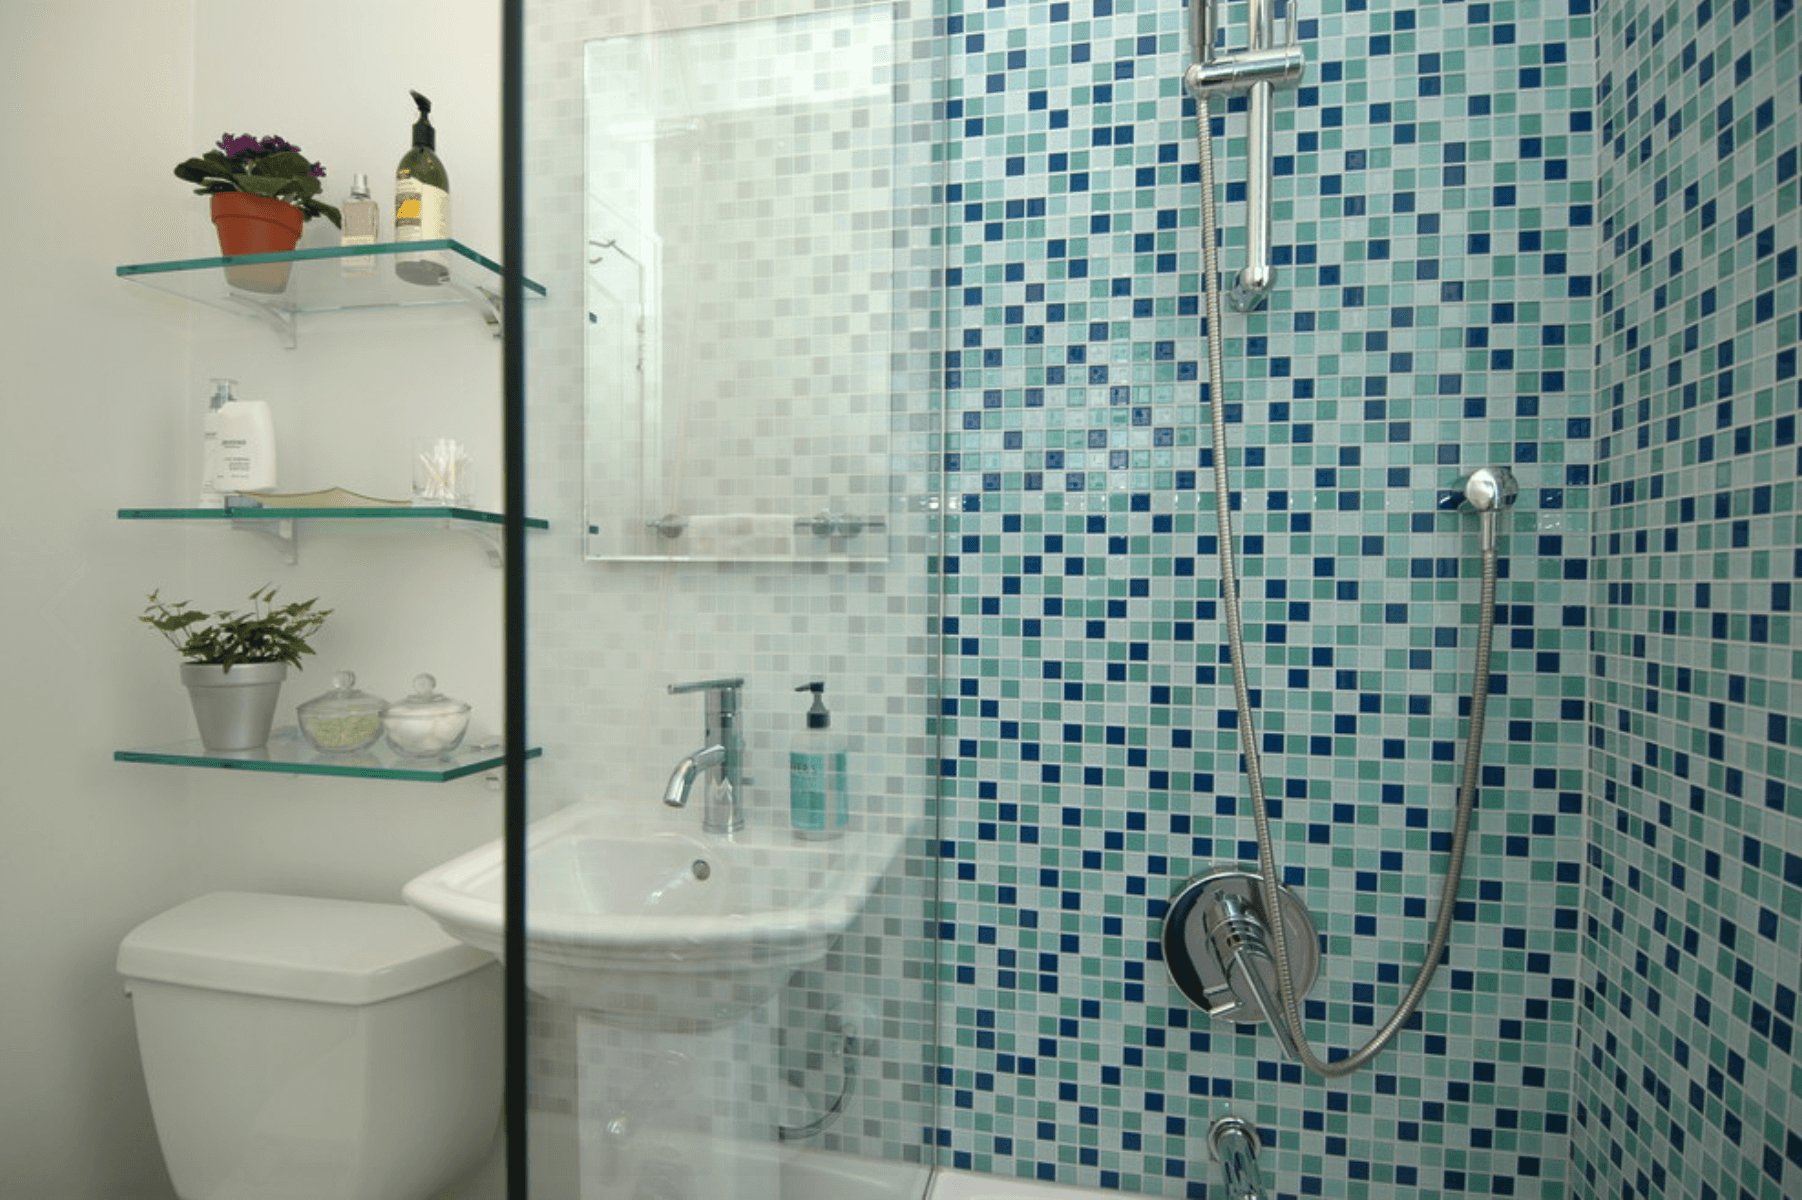 Banheiros Pequenos Com Pastilha Confiram Fotos De Banheiros Pictures  #24495F 1802x1200 Banheiro Branco Com Pastilhas Verde